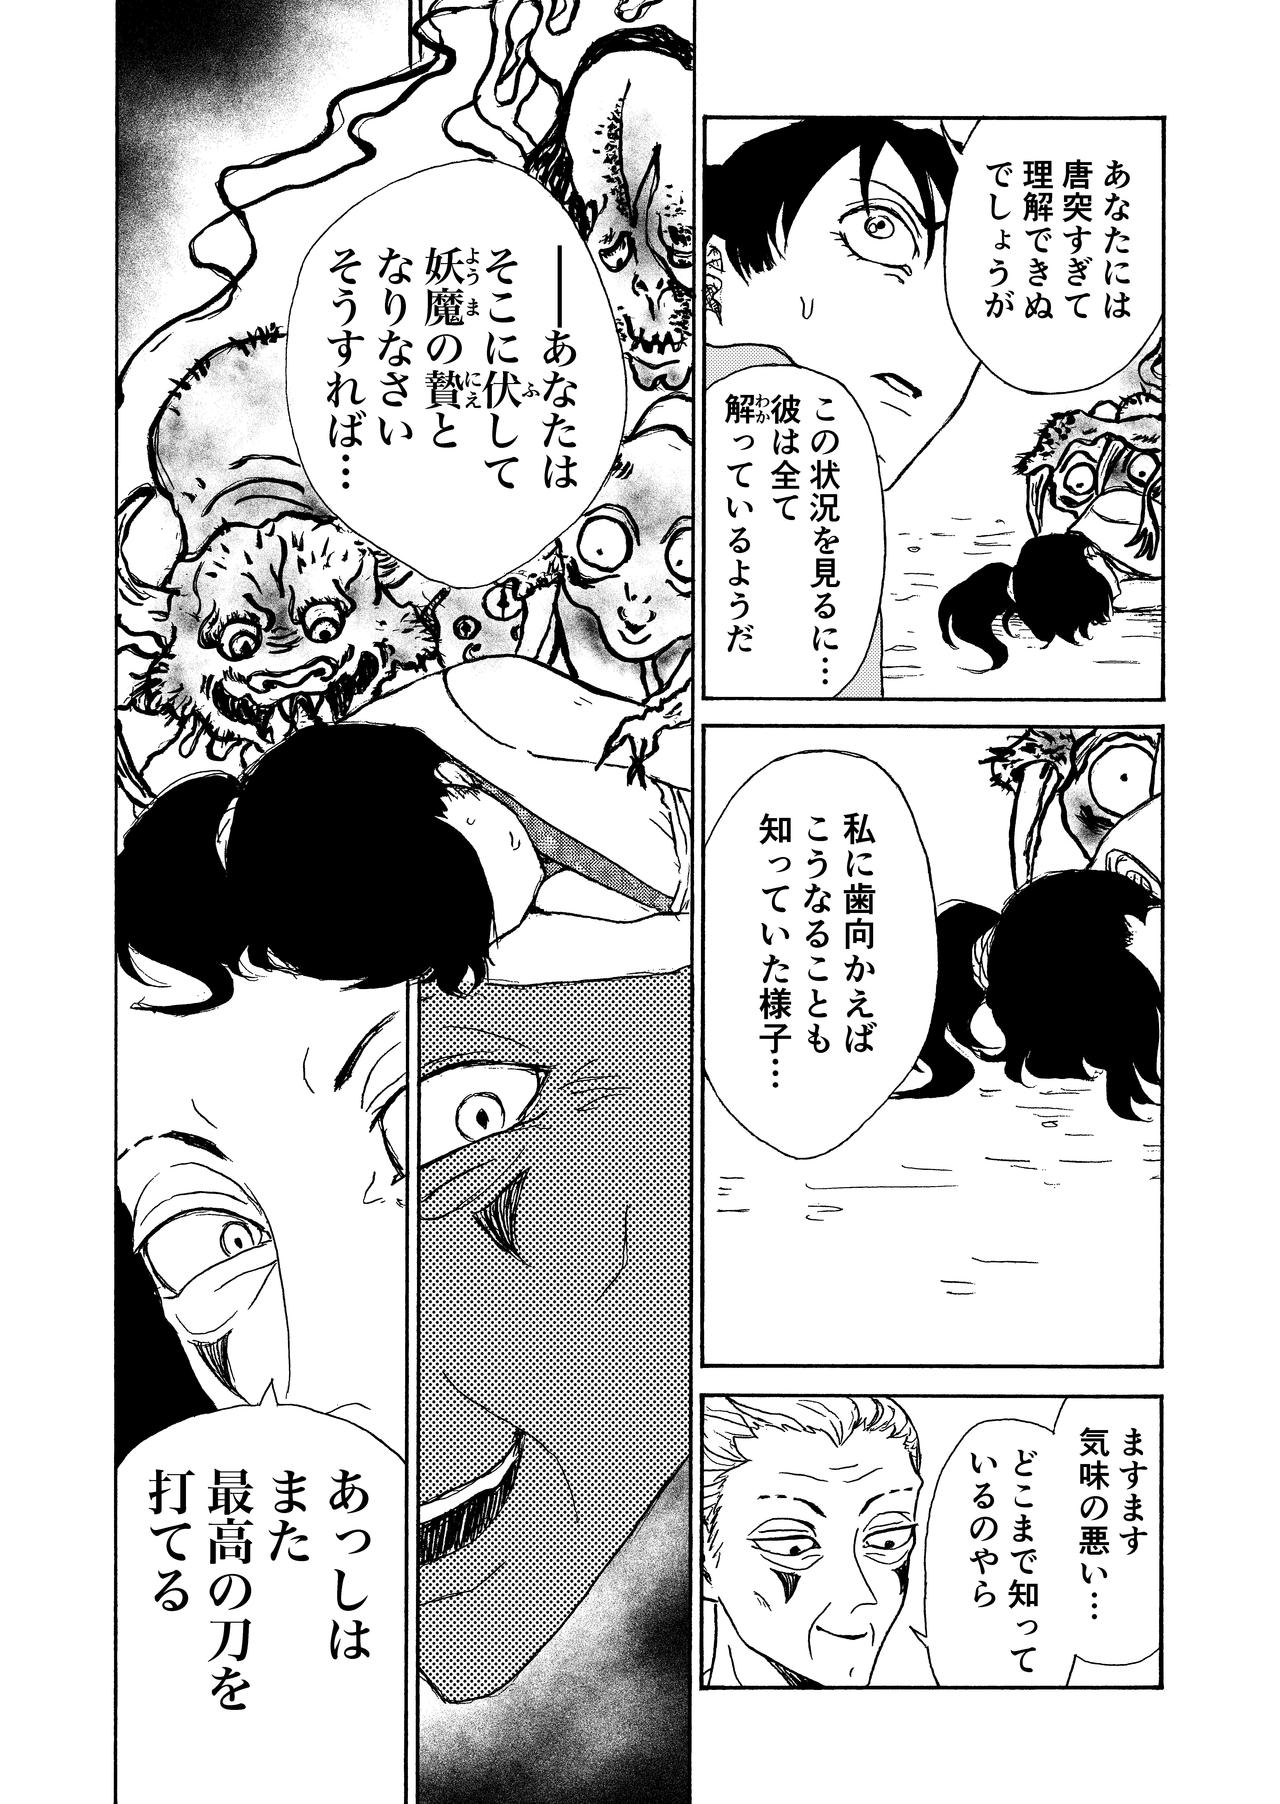 大賞】受賞マンガ 「願いの境」...